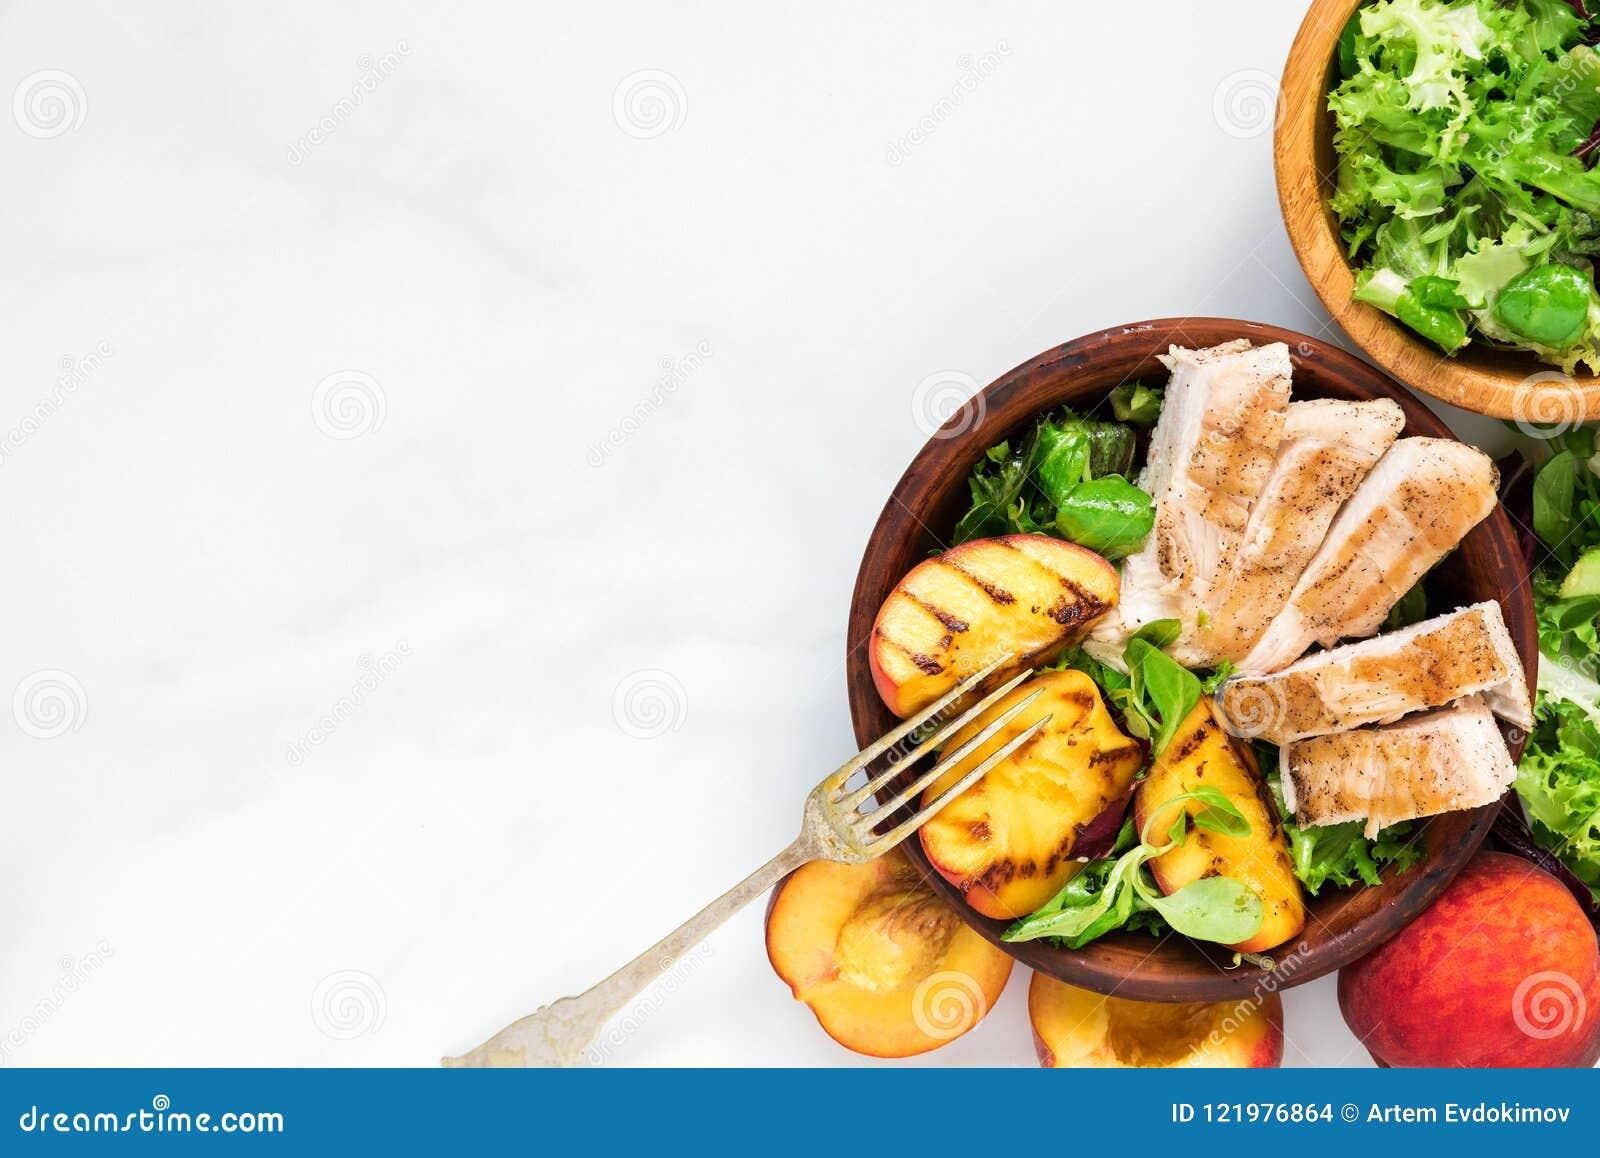 Salat mit gegrilltem Huhn und Pfirsich in einer Schüssel mit Gabel Gesunde Nahrung Beschneidungspfad eingeschlossen